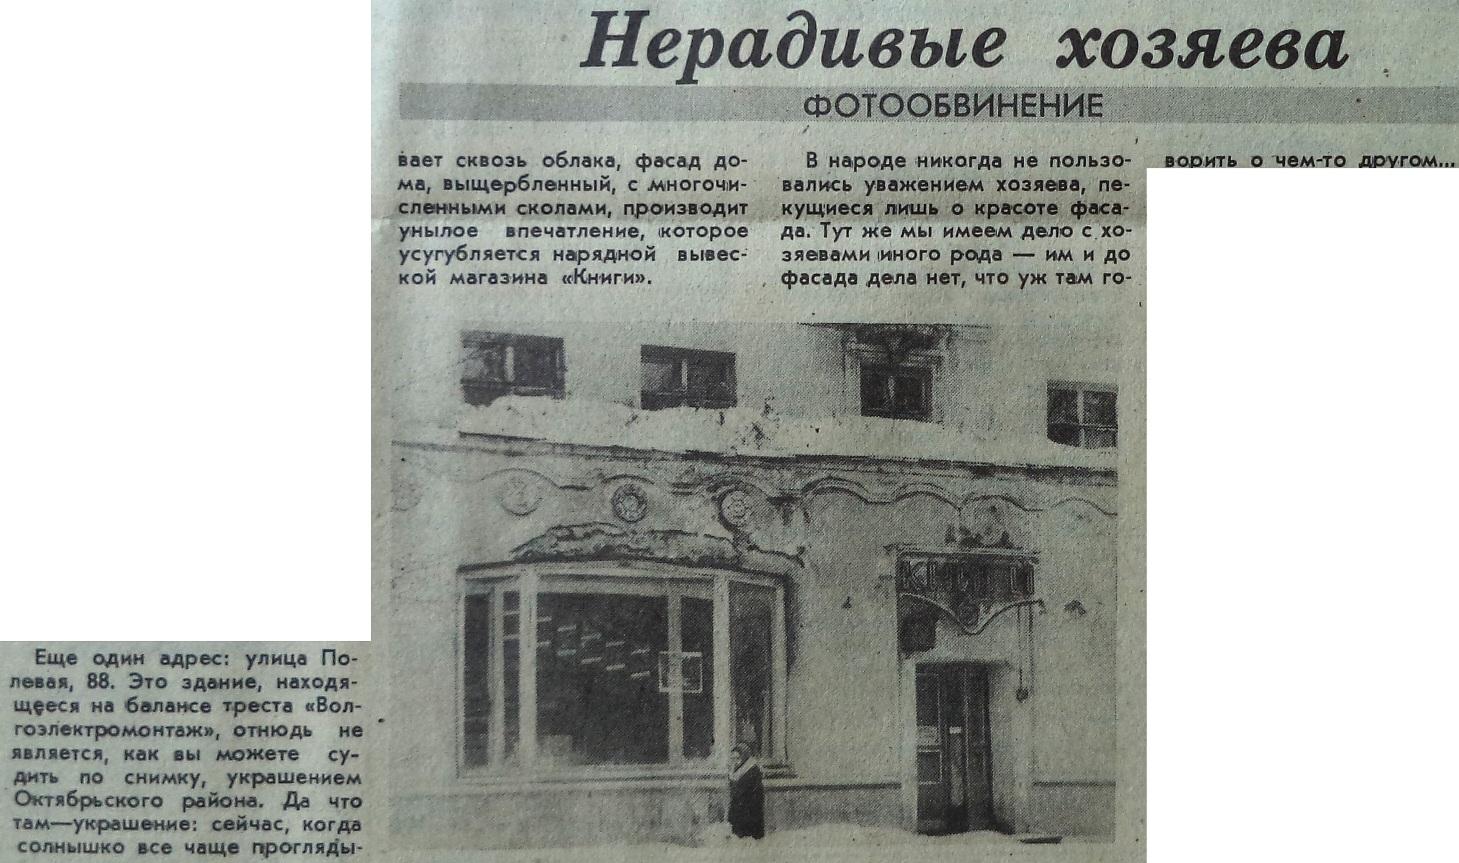 Полевая-ФОТО-24-ВЗя-1988-03-14-неблаг-во на Полев.-88